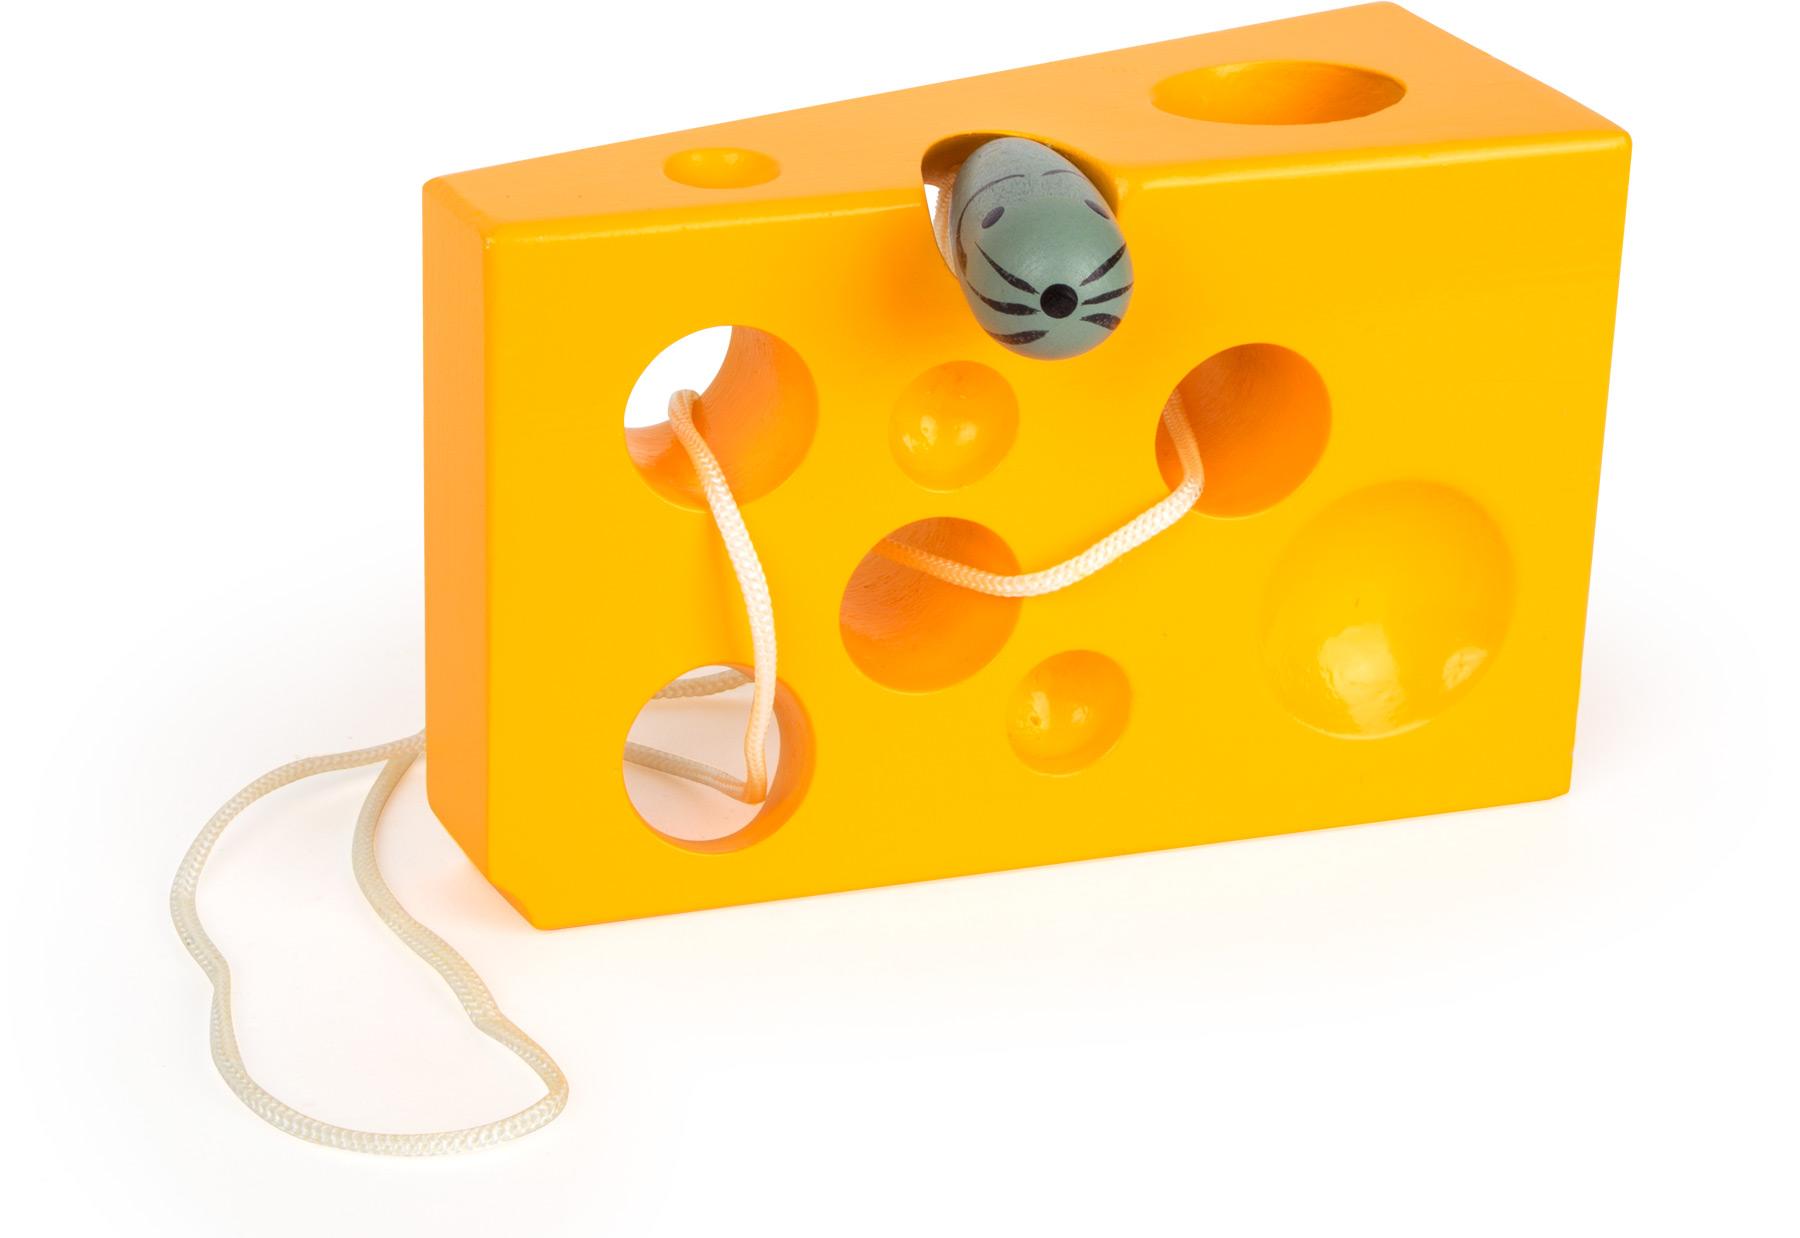 Legler Klettergerüst Für Drinnen : Fädelspiel käse und maus gelb